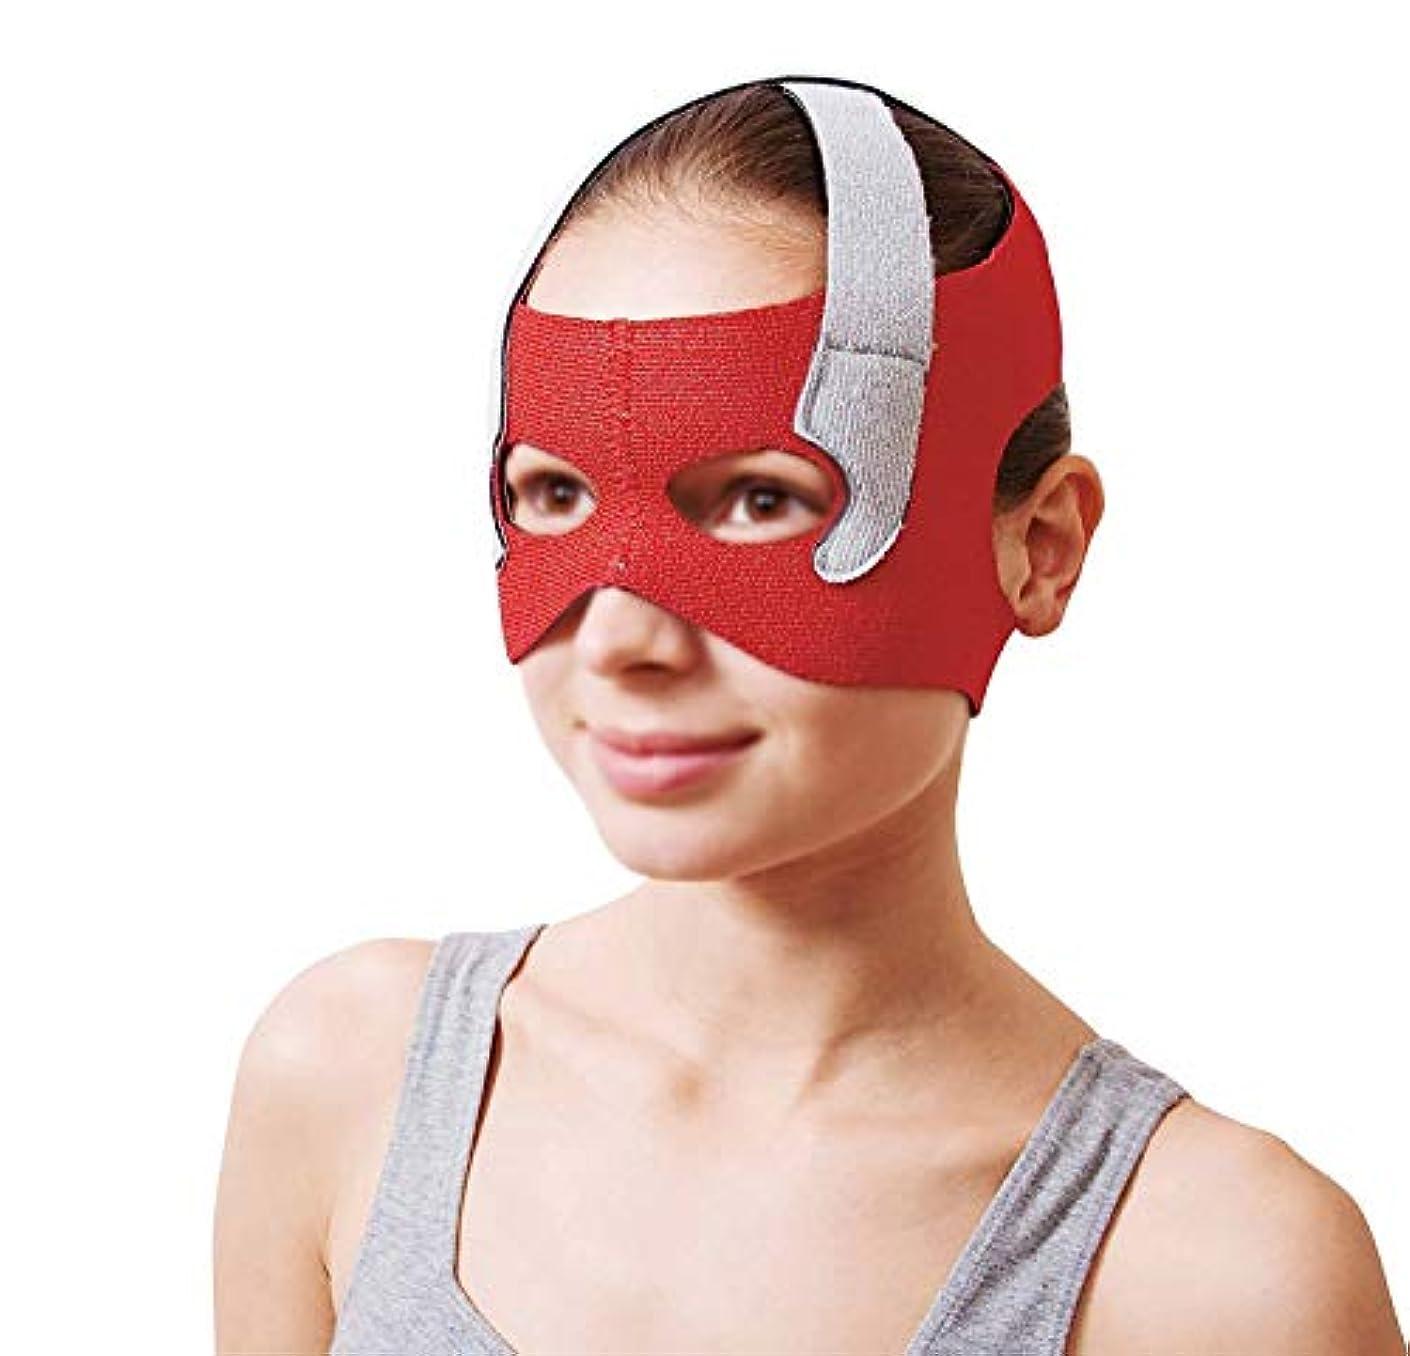 使役うまくいけば長方形TLMY フェイシャルリフティングマスク回復包帯ヘッドギアマスクシンフェイスマスクアーティファクト美容ベルトフェイシャルとネックリフティングフェイシャル円周57-68 cm 顔用整形マスク